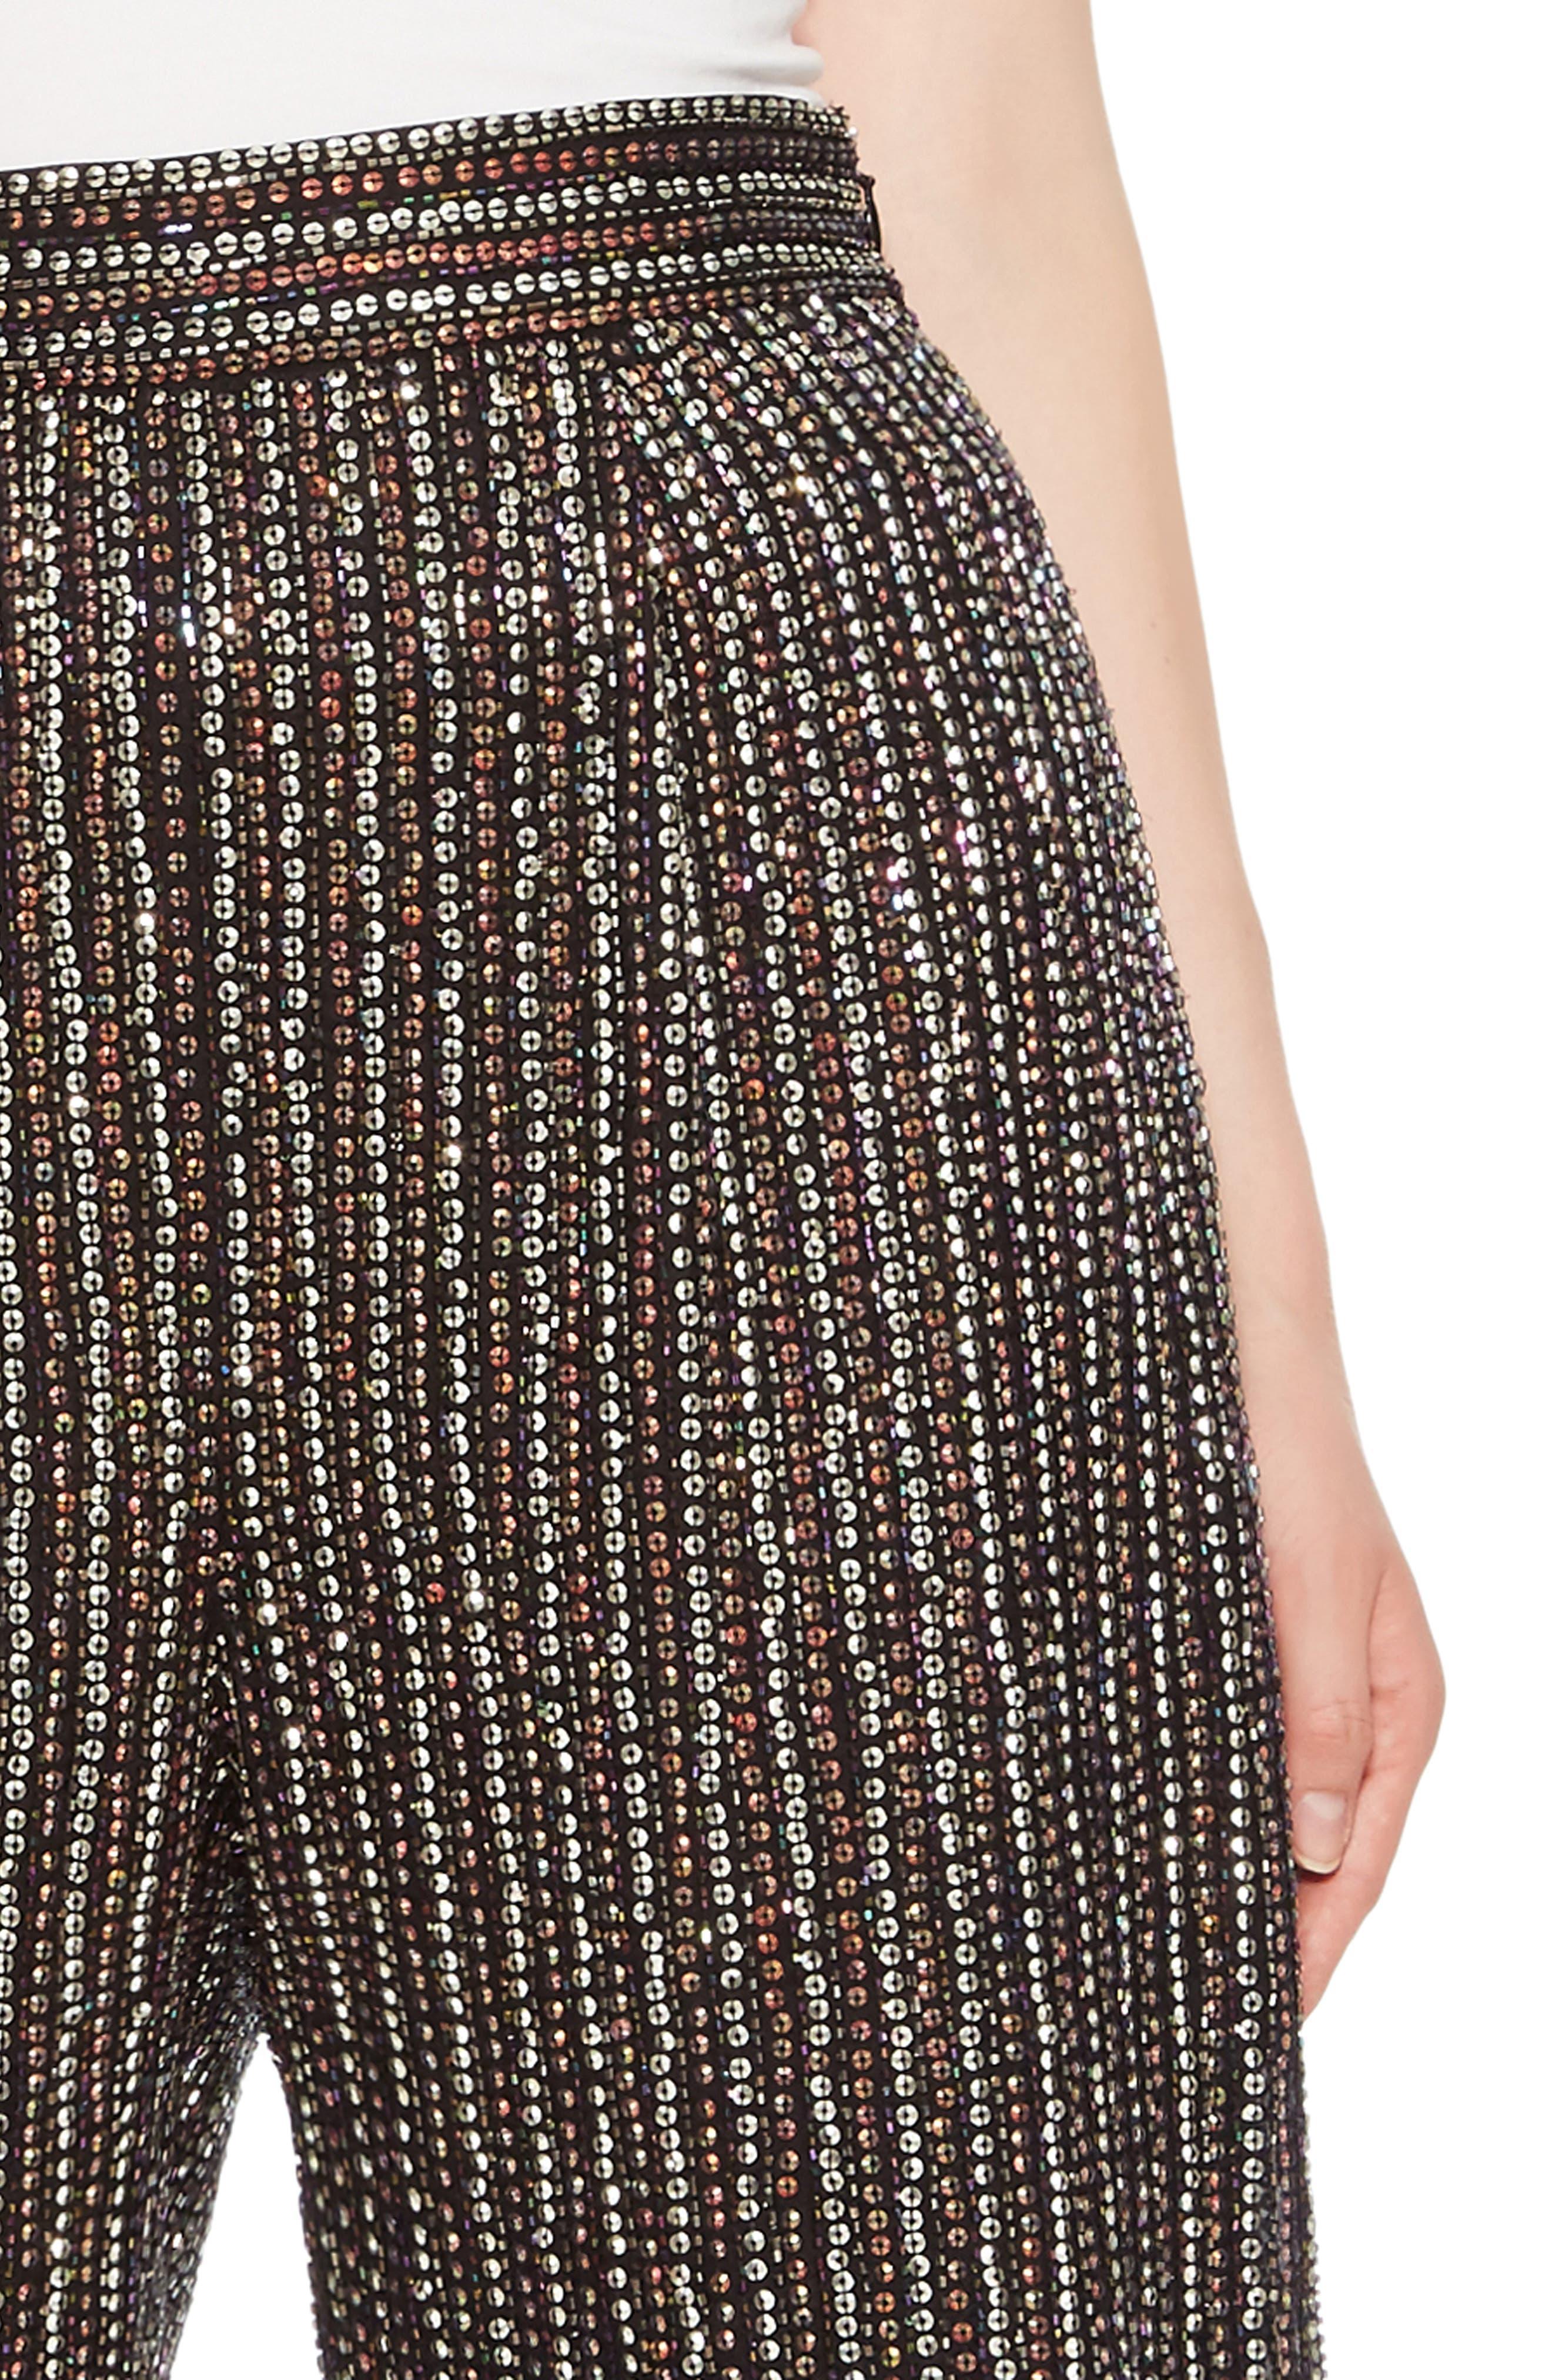 Ellen Wide Leg Crop Pants,                             Alternate thumbnail 4, color,                             BLACK MULTI